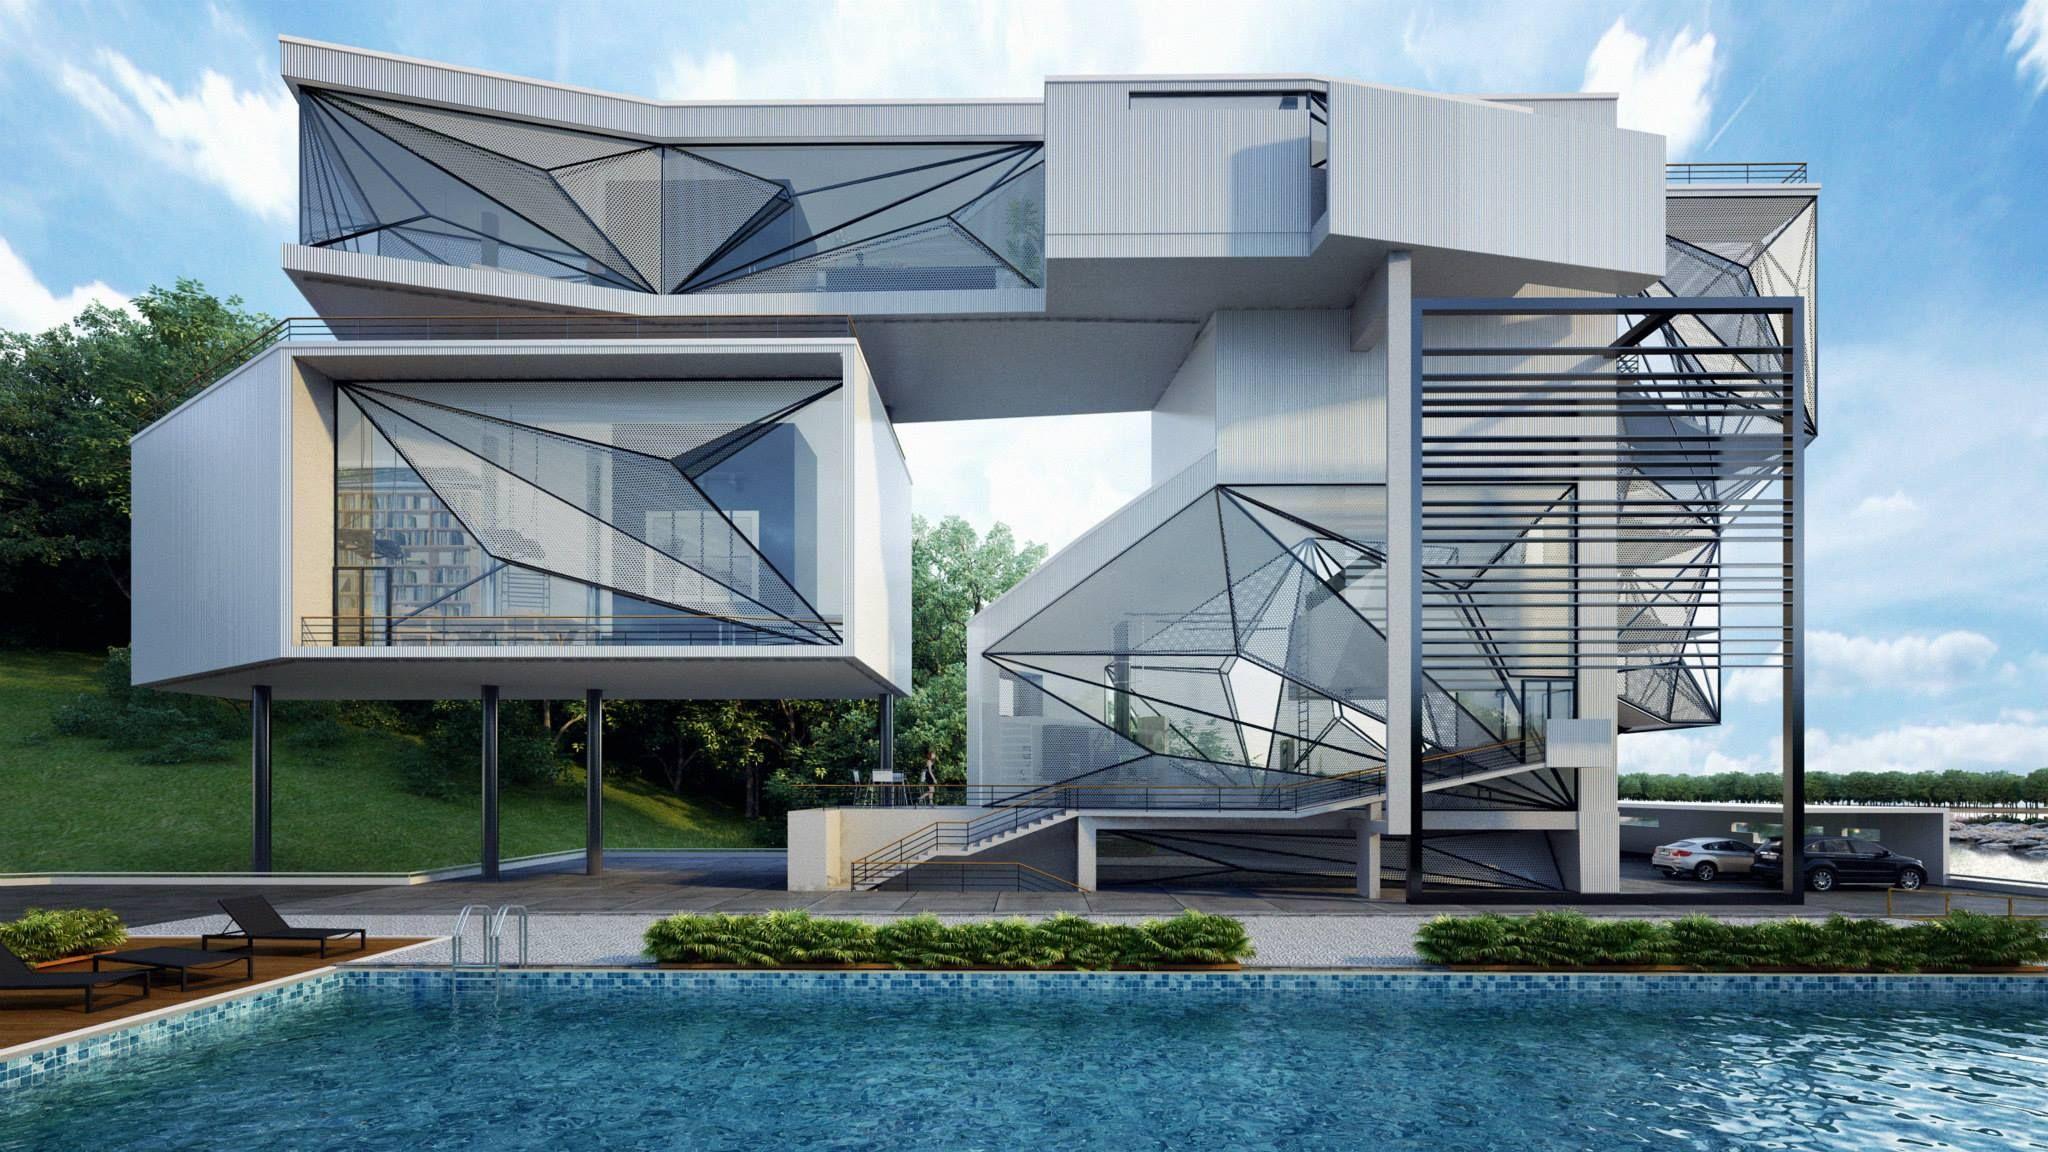 Aviators Villa By Urban Office Architecture